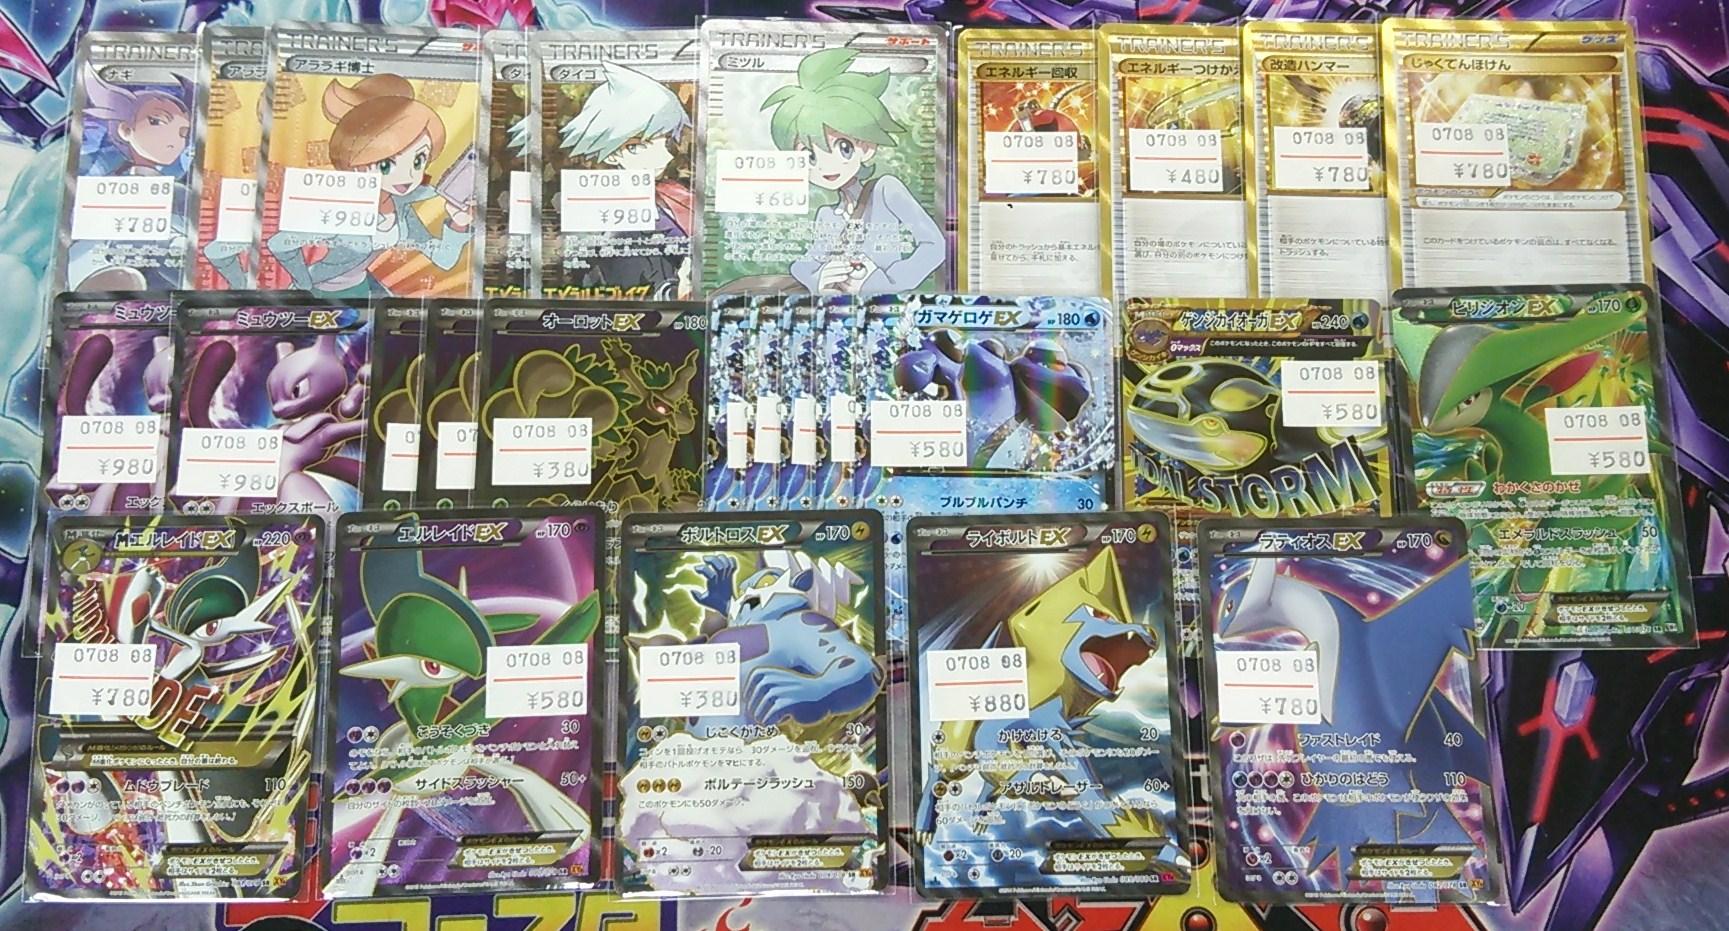 ポケモン - カードショップリンクスのブログ